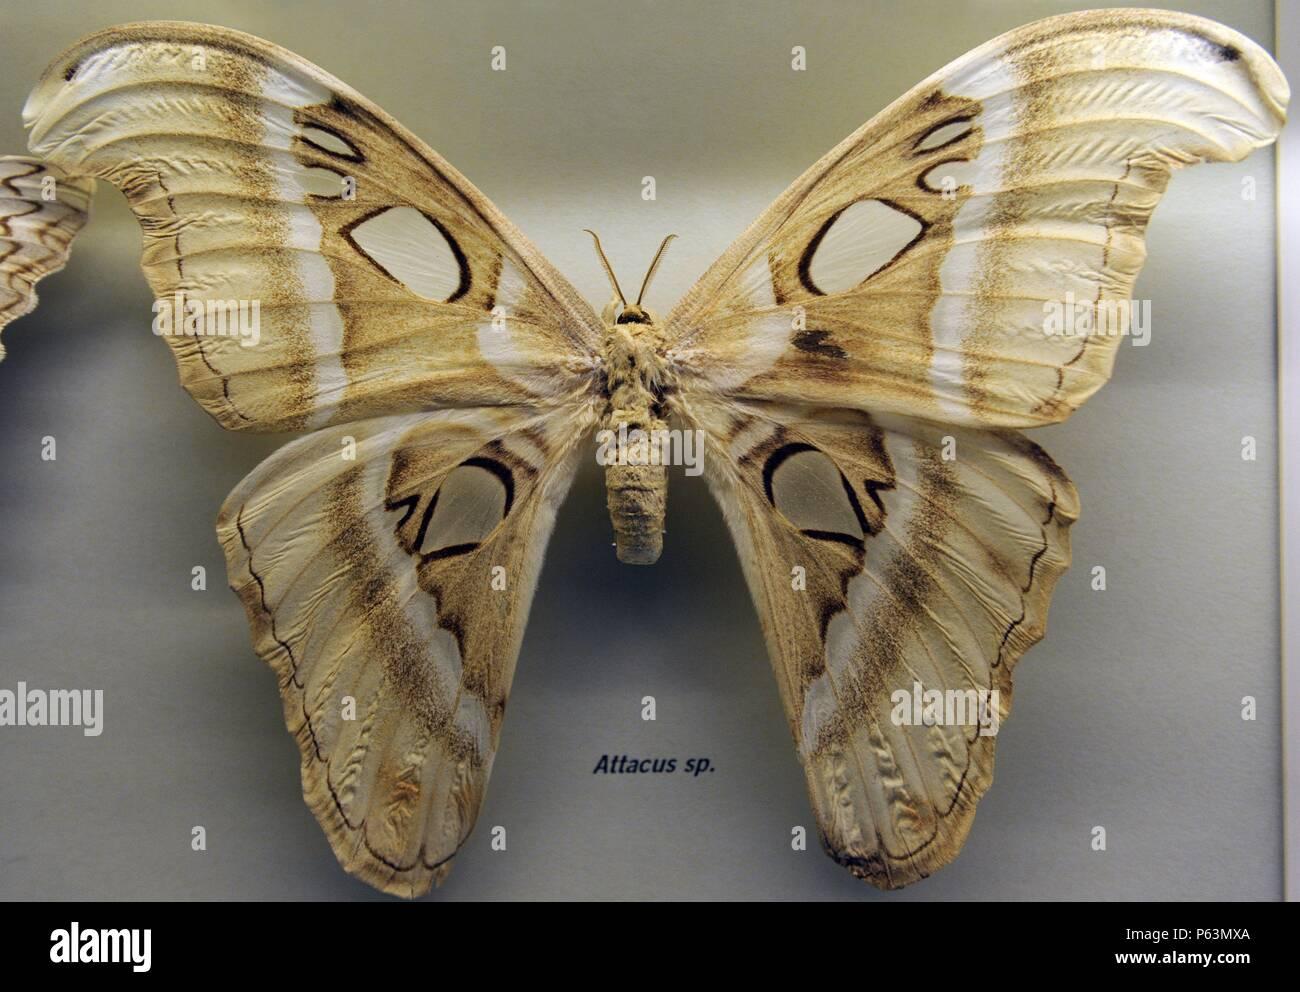 Mariposa atlas (Attacus atlas). Especie de lepidóptero ditrisio de la familia Saturniidae. La mariposa más grande del mundo. Museum fur Naturkunde (Museo de Historia Natural). Berlín. Alemania. Europa. - Stock Image